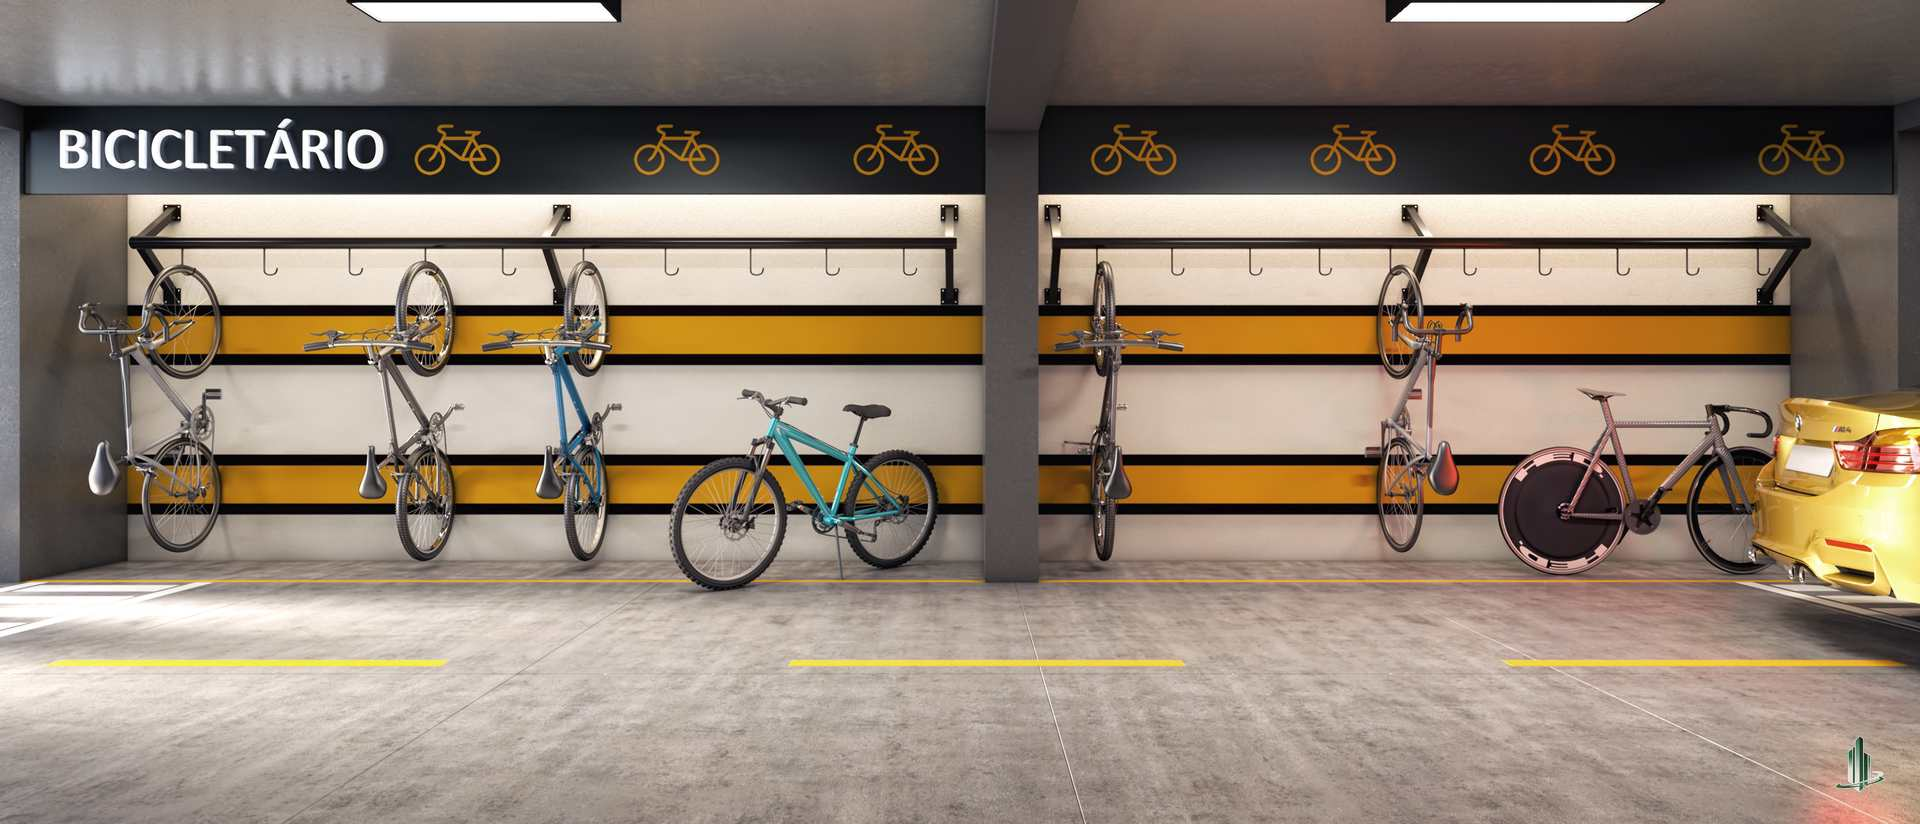 012-bicicletario